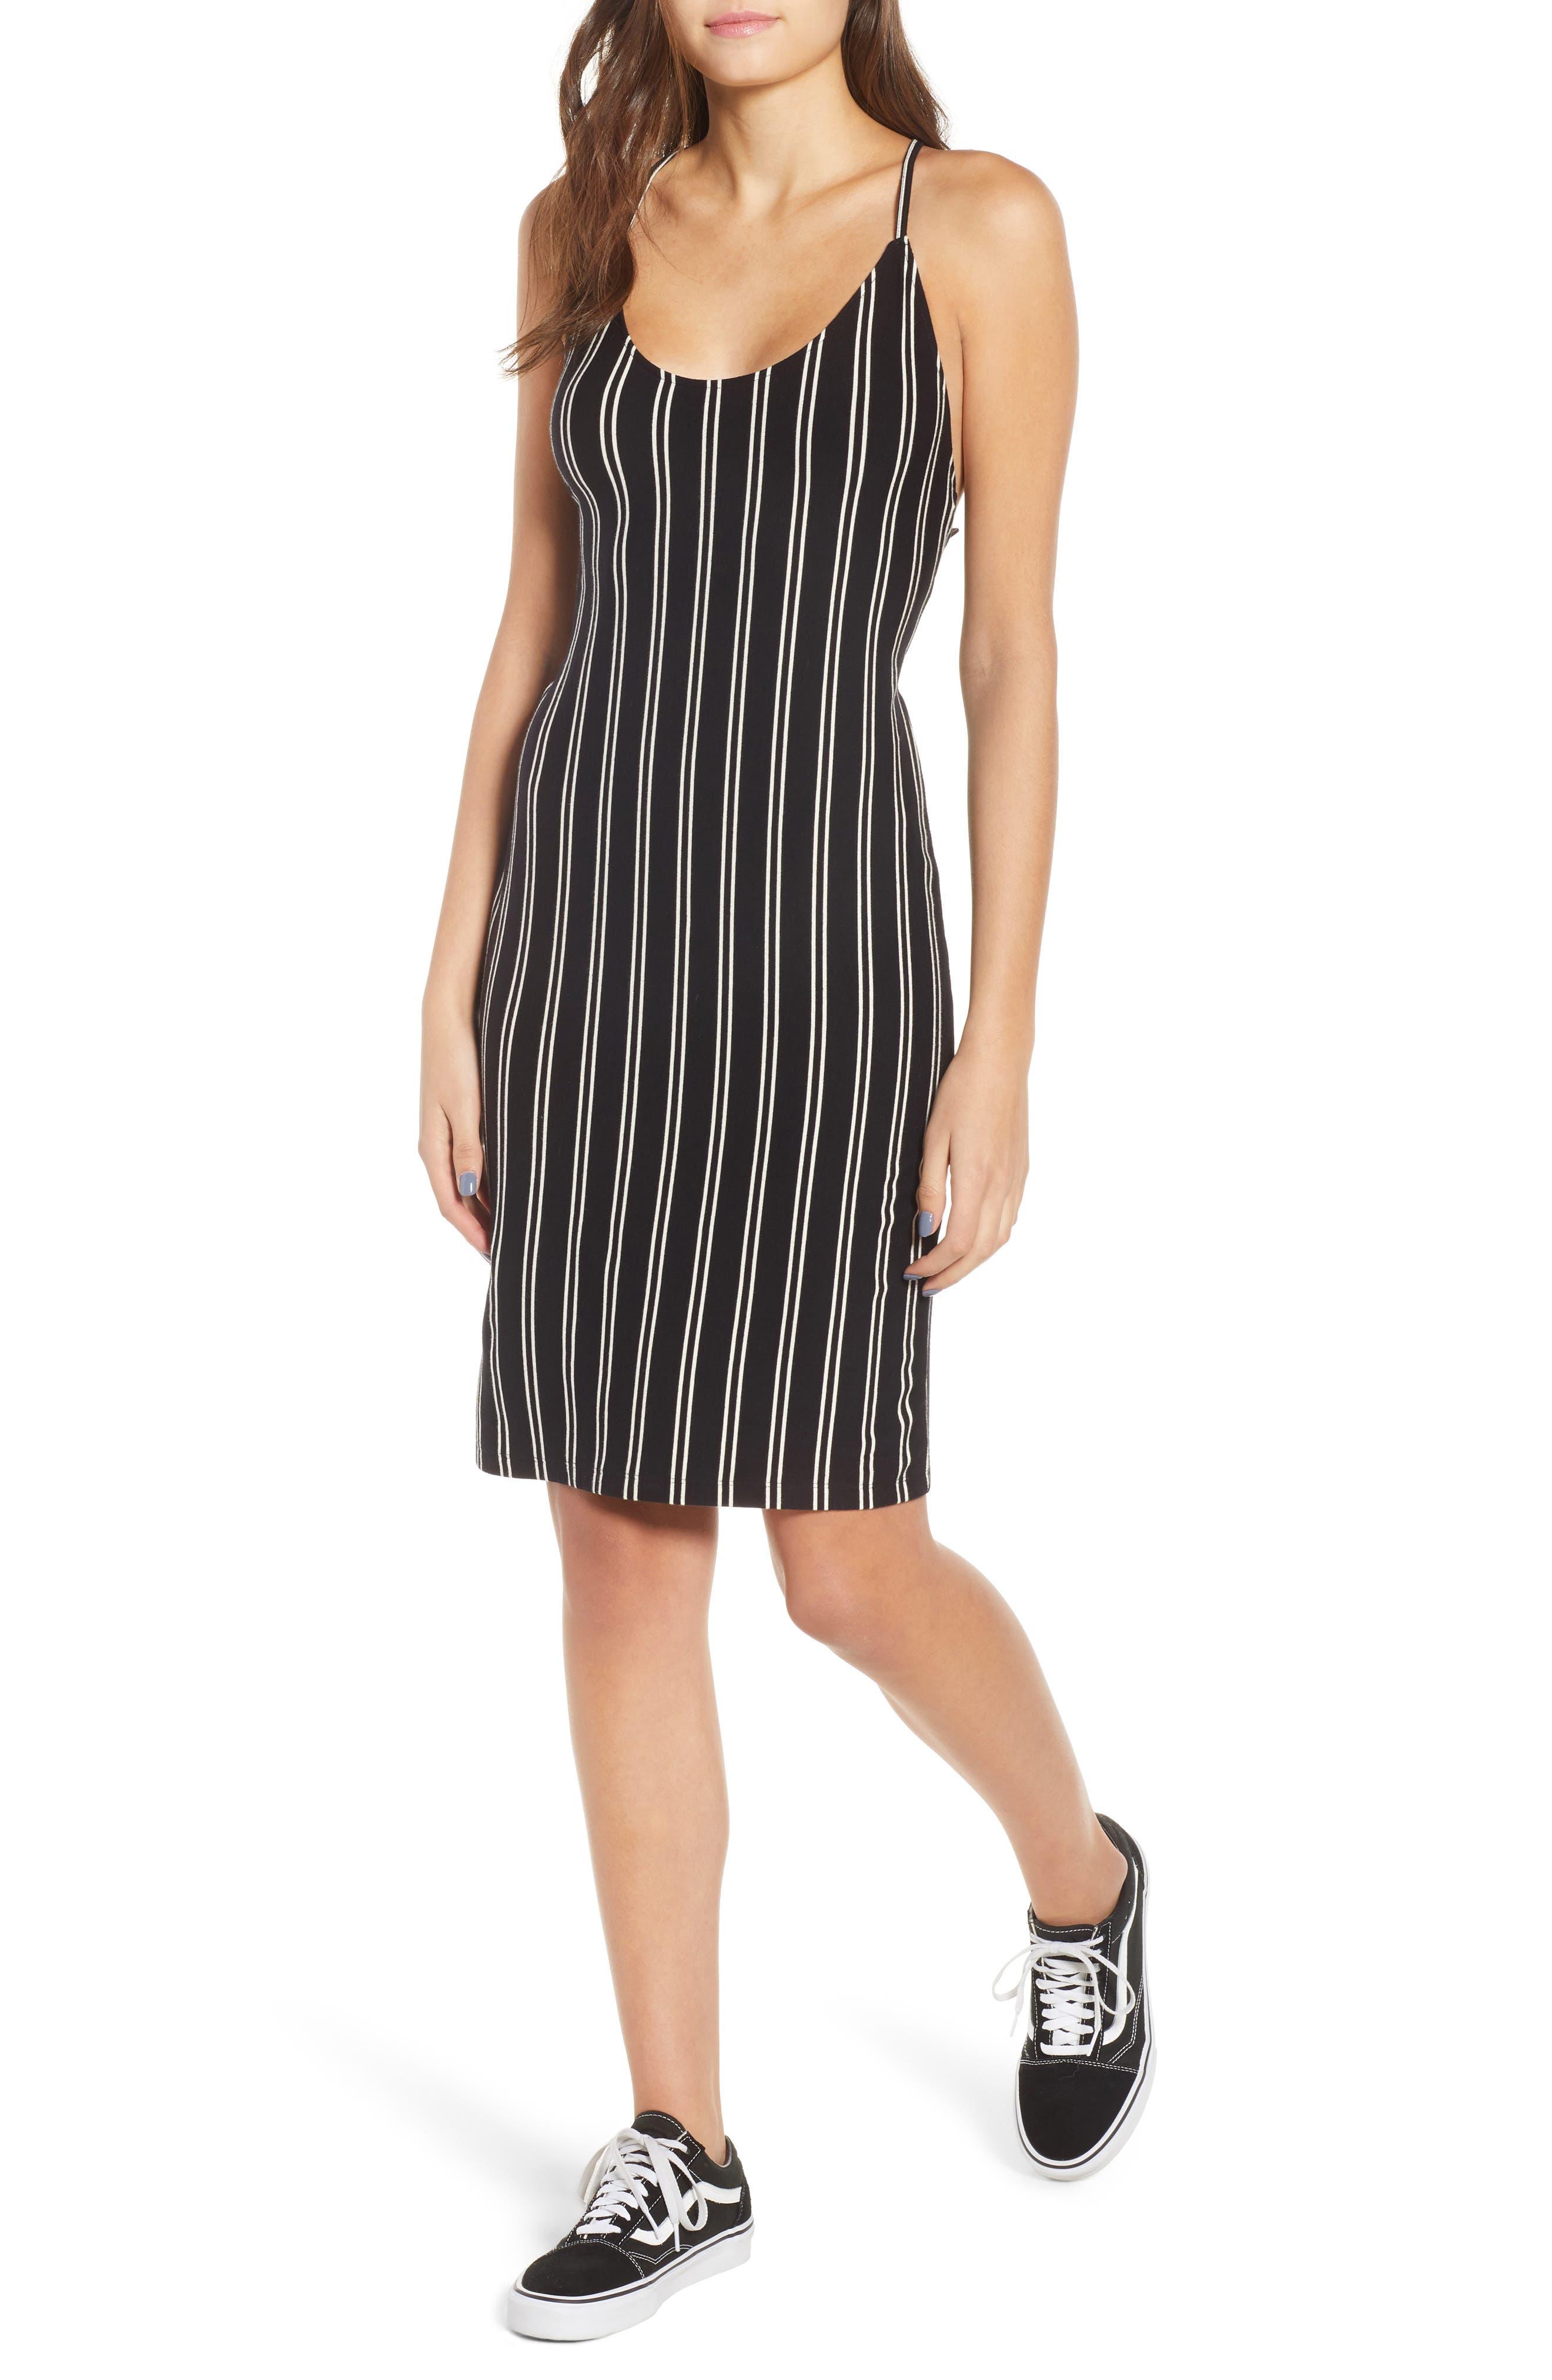 Lockette Strappy Striped Dress,                         Main,                         color, 005